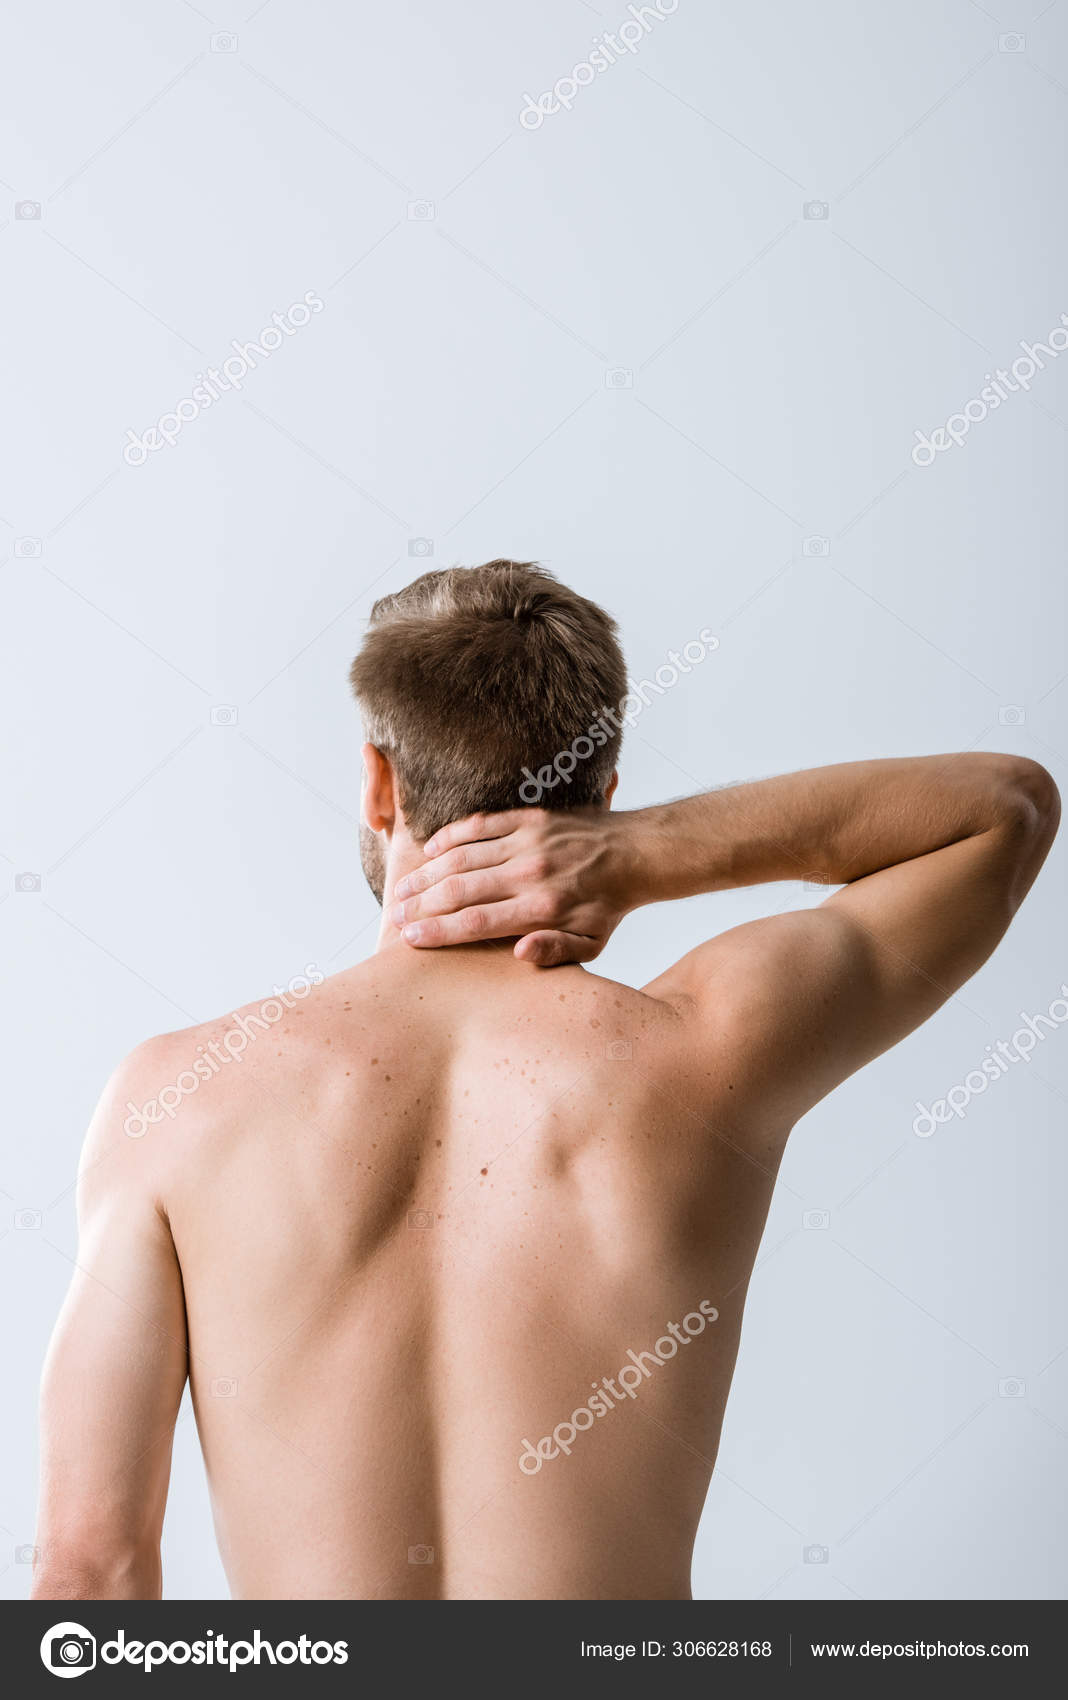 adam almaízületi fájdalma ízületi fájdalom, ami hiányzik